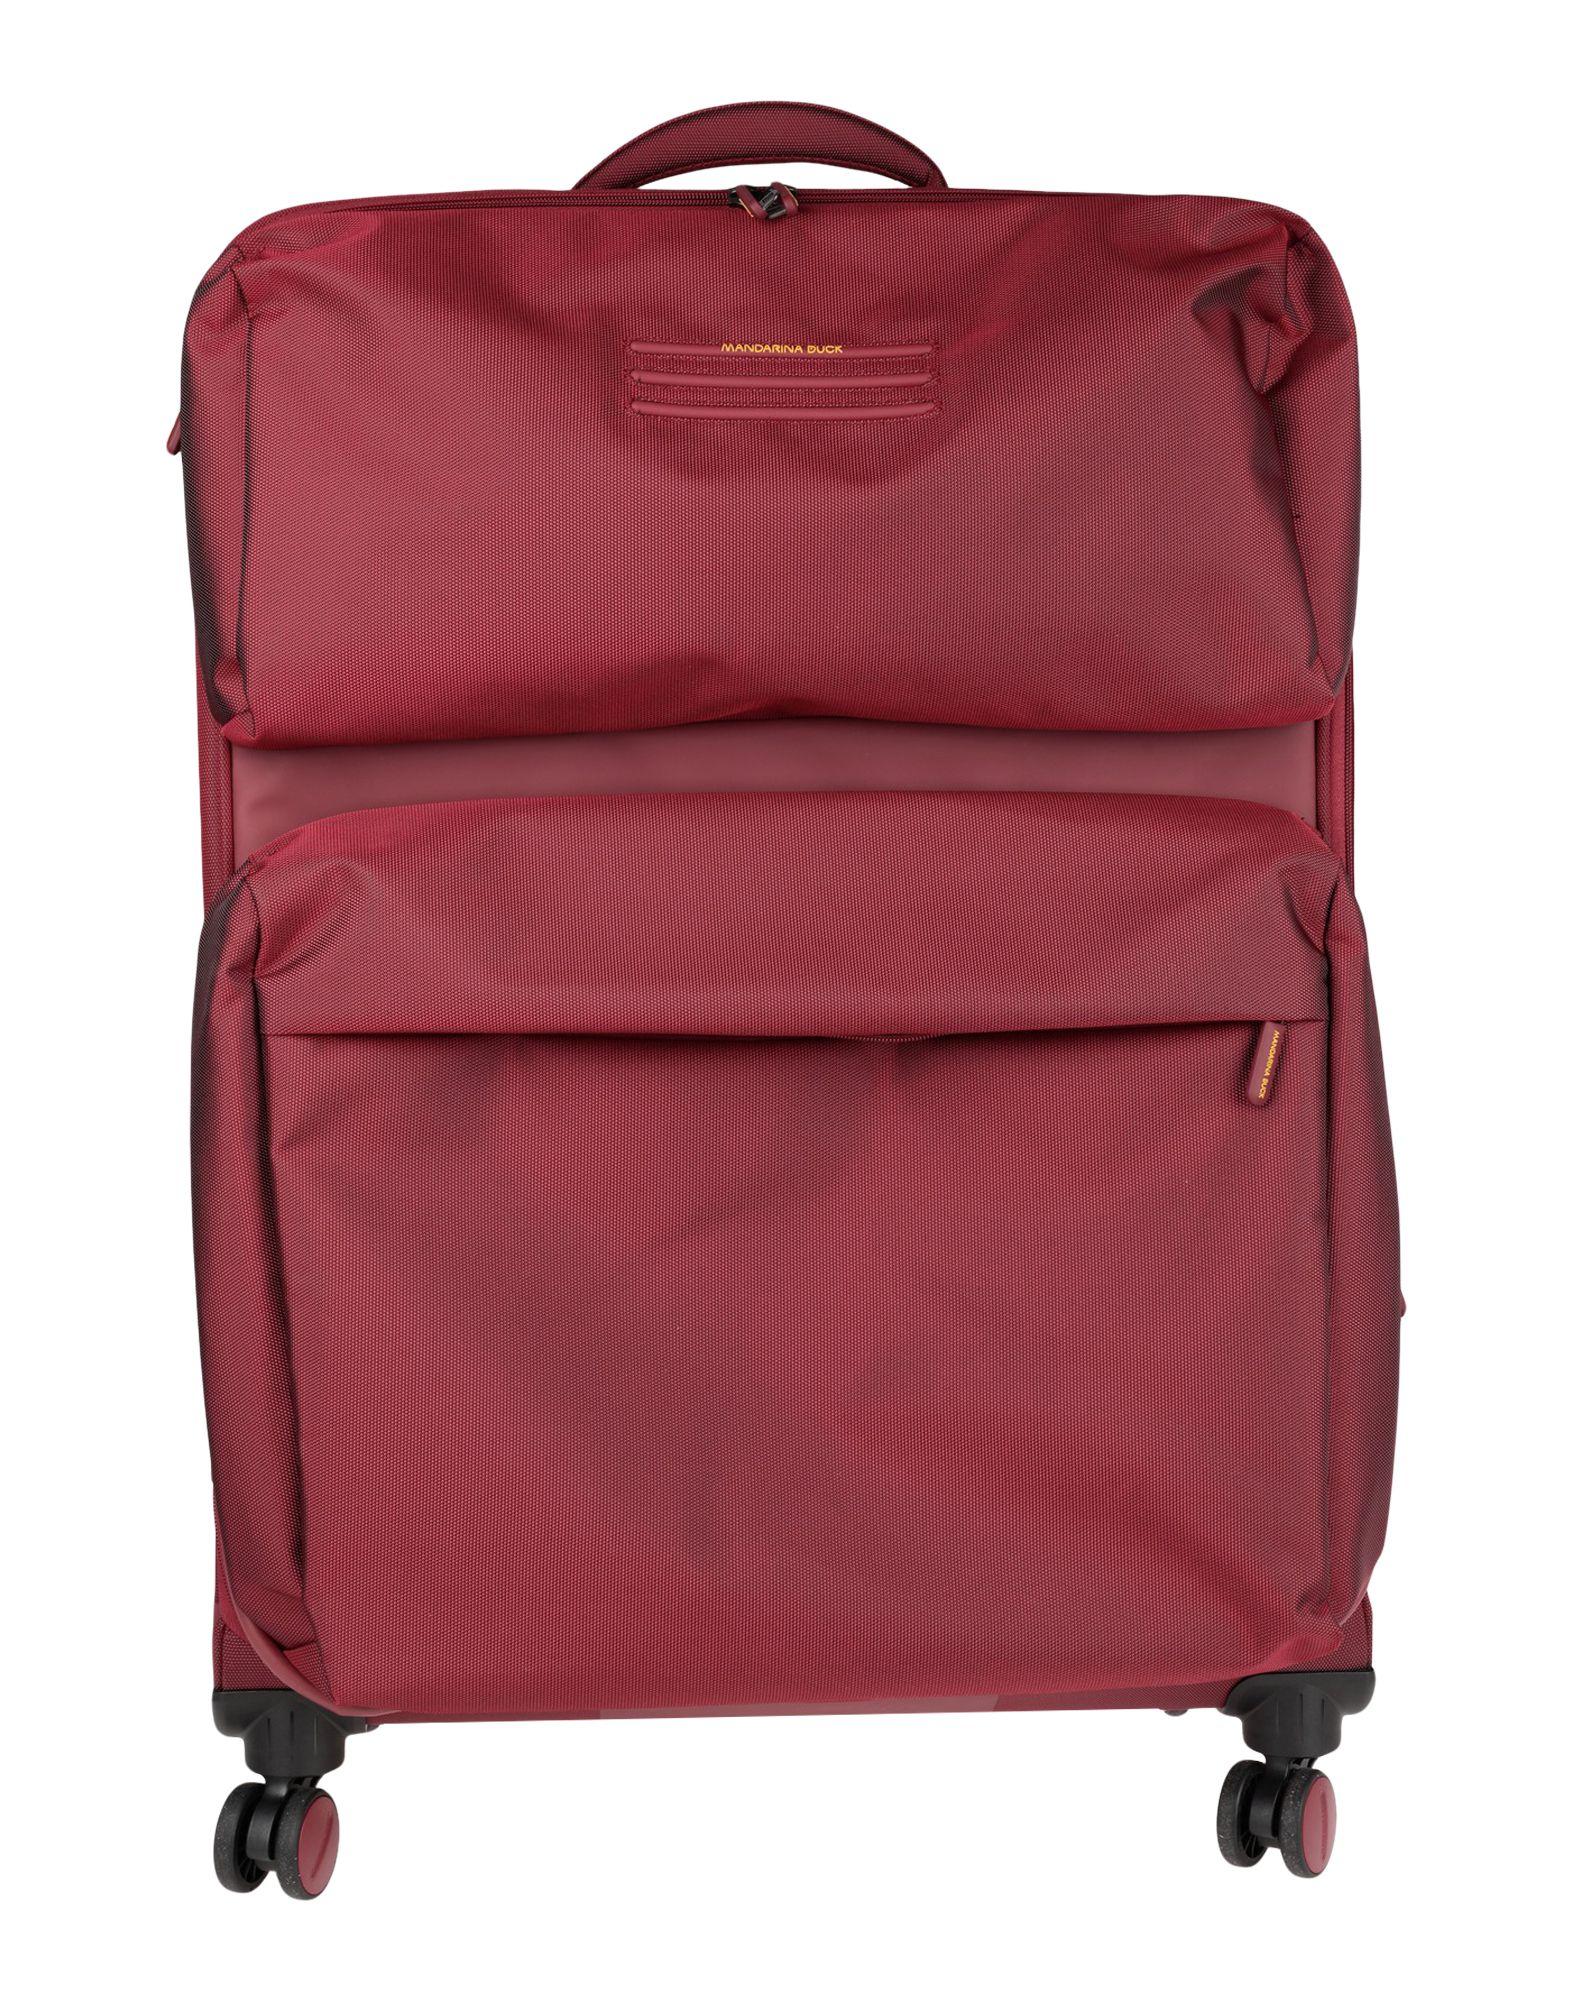 《セール開催中》MANDARINA DUCK Unisex キャスター付きバッグ ボルドー ナイロン 70% / ポリエステル 30%